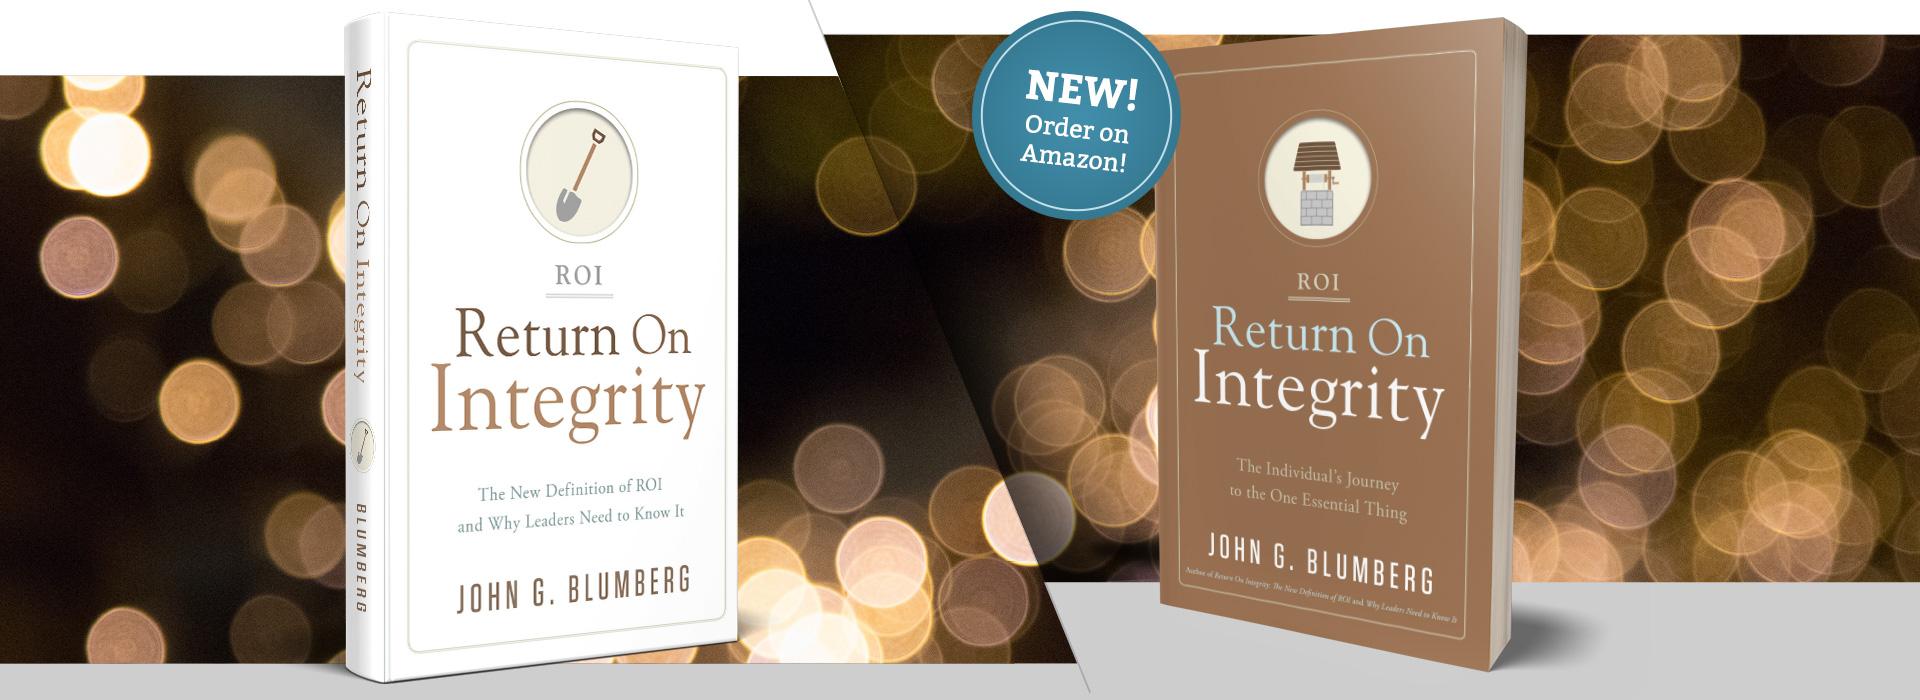 John Blumberg Return on Integrity